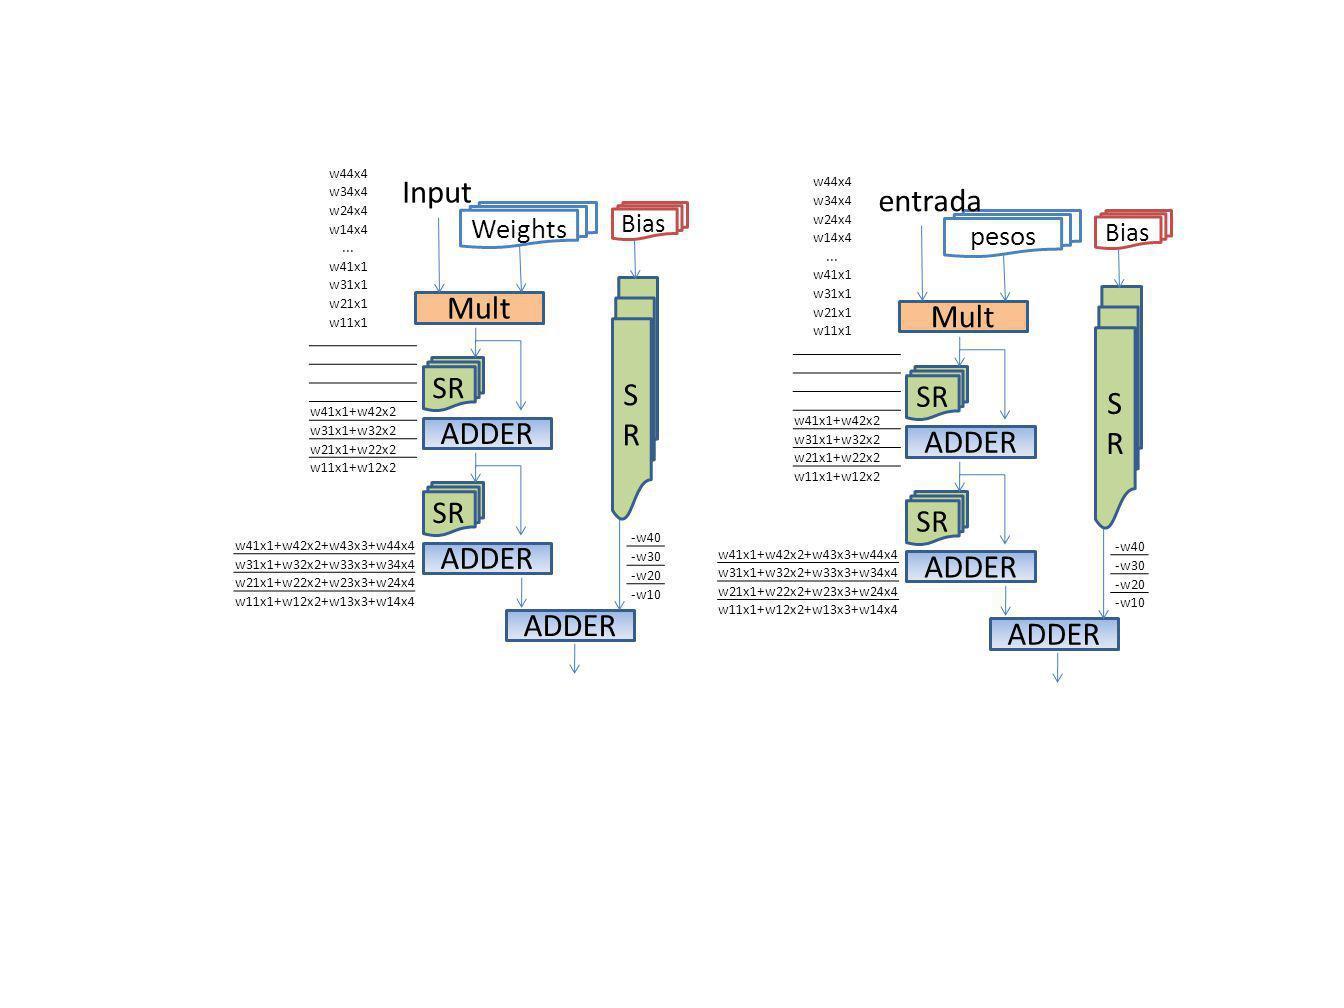 ADDER Mult SR ADDER SR ADDER SRSR Weights Input Bias w44x4 w34x4 w24x4 w14x4...